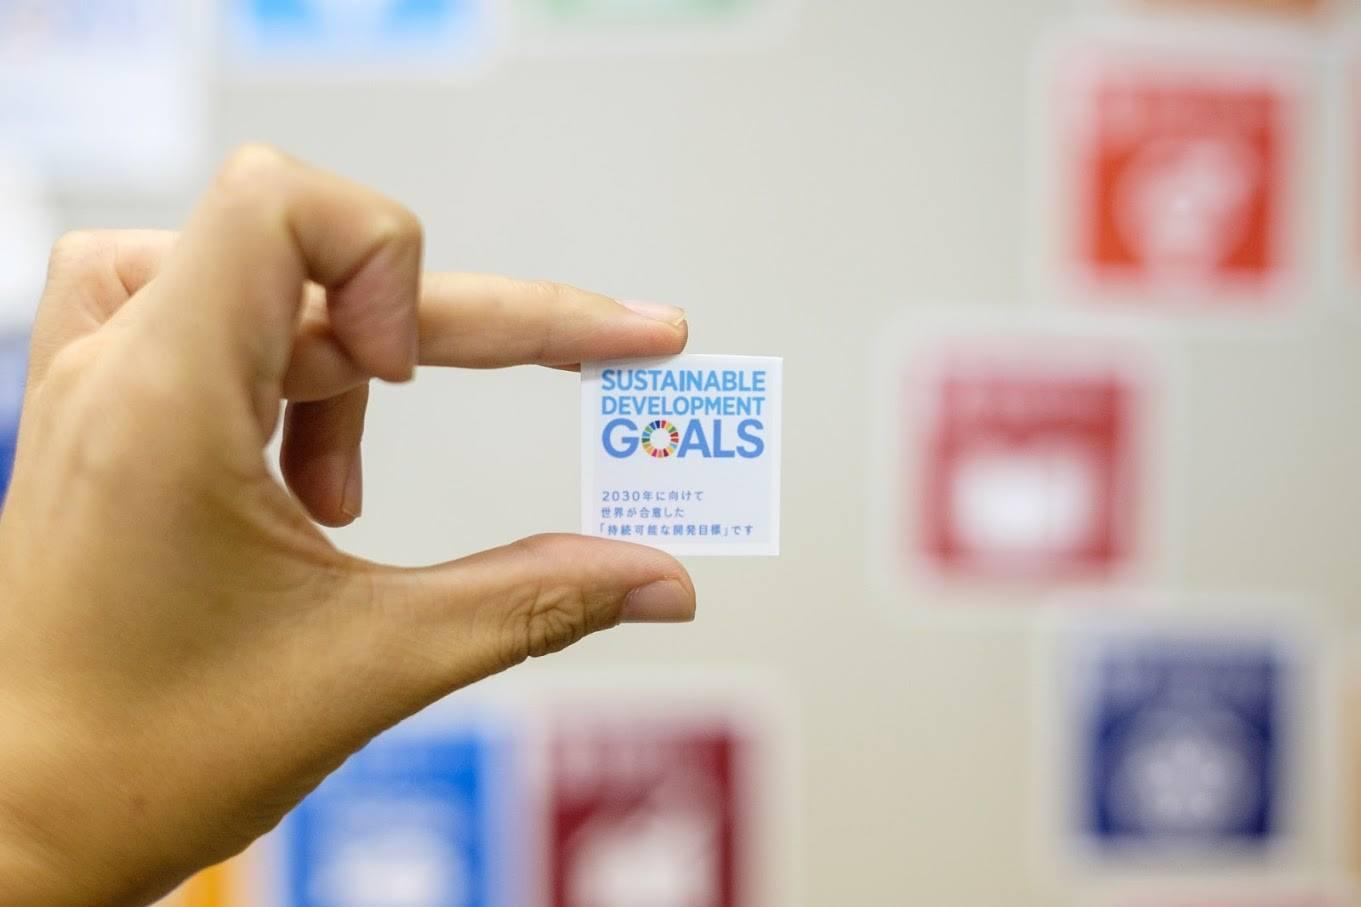 国連が定めた【SDGs(持続可能な開発目標)】をシミュレーションゲームで体験してみませんか?